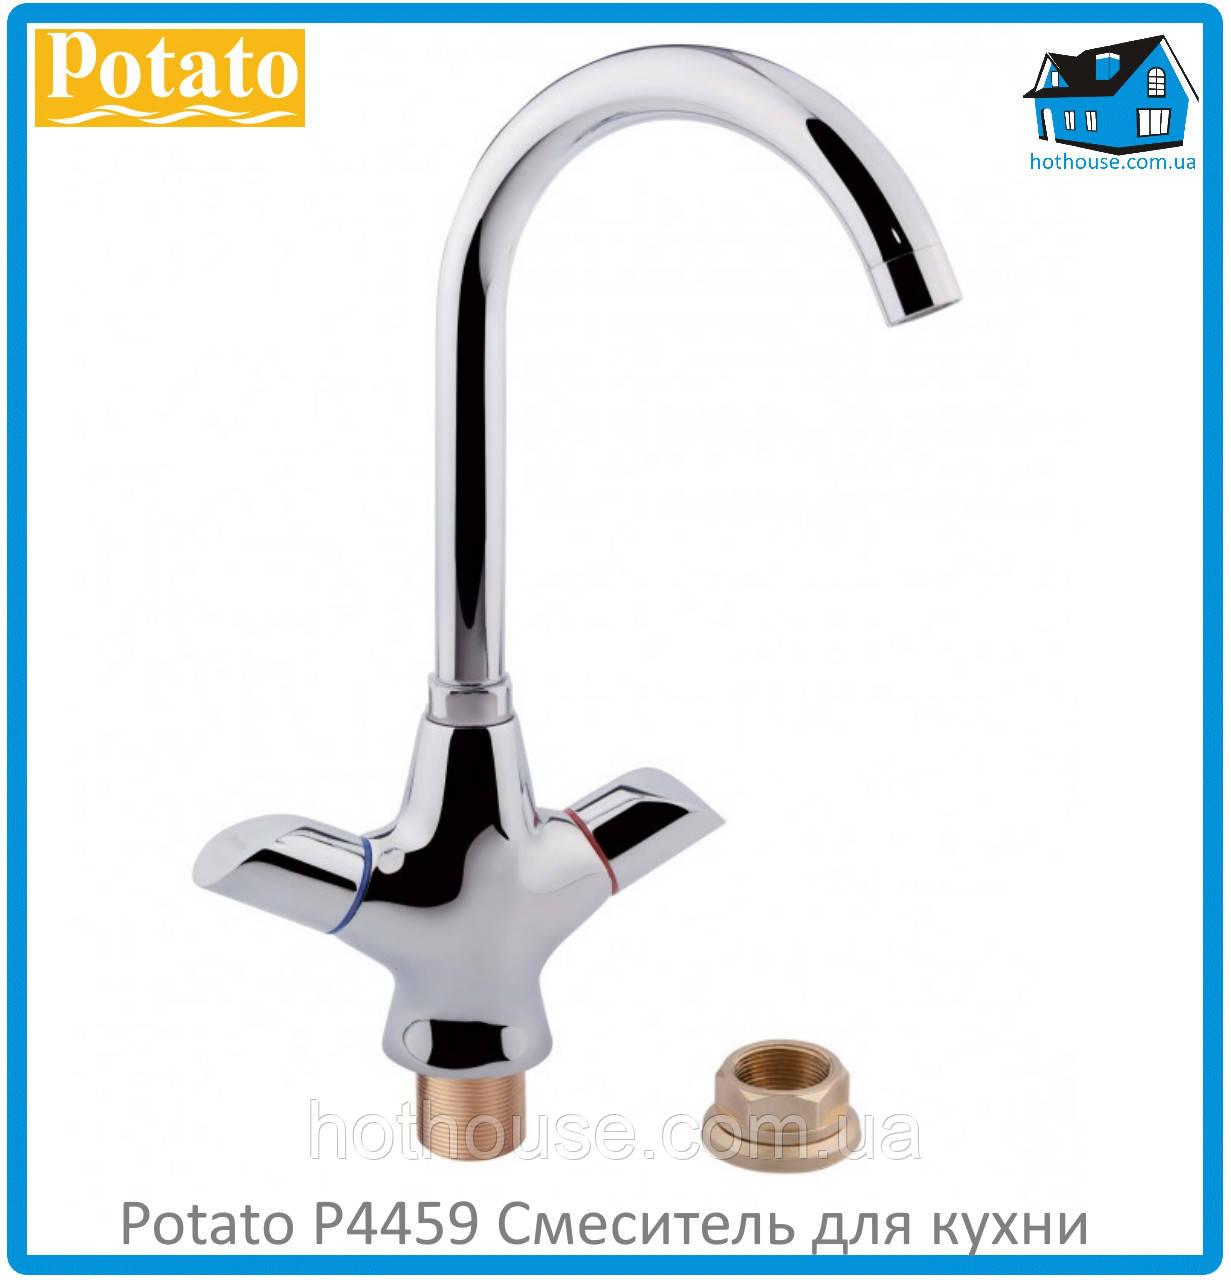 Смеситель для кухни Potato P4459